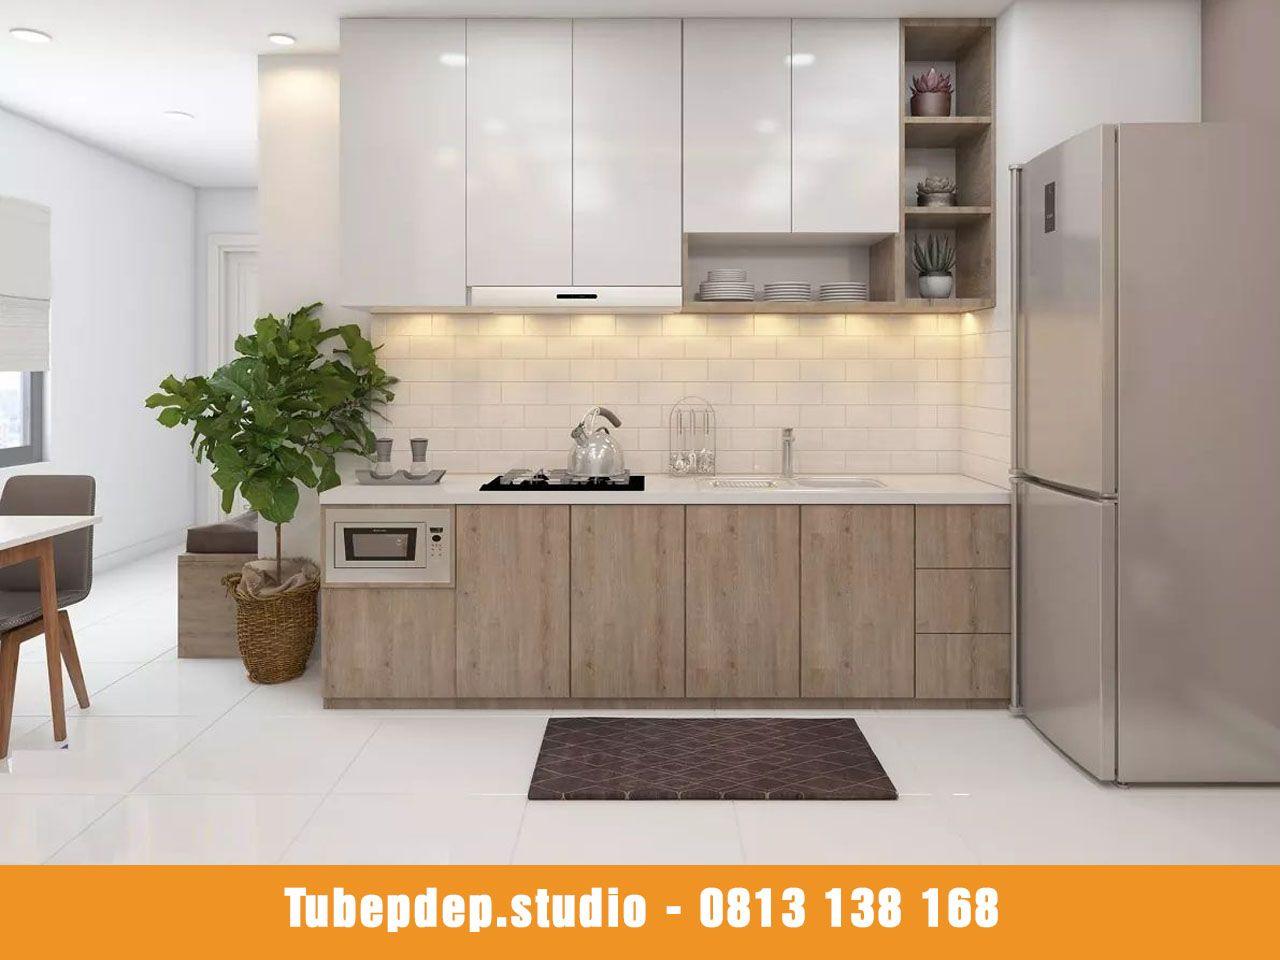 Chất liệu tủ bếp Alumax cao cấp cho nội thất phòng bếp